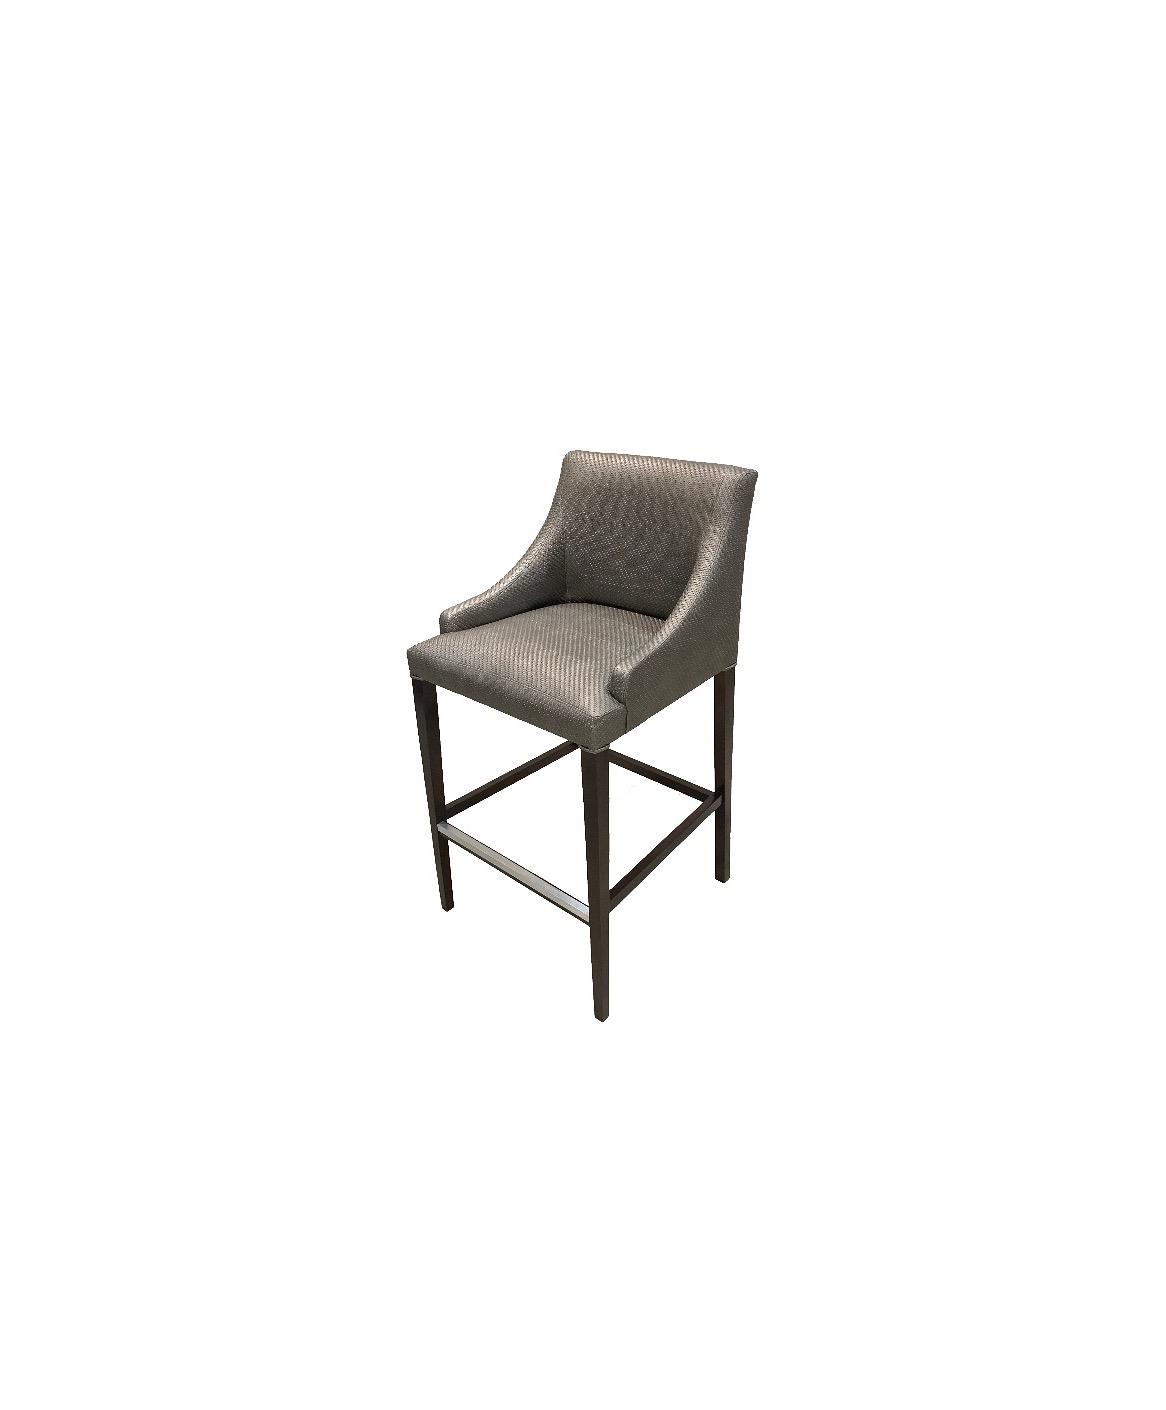 Soho stool